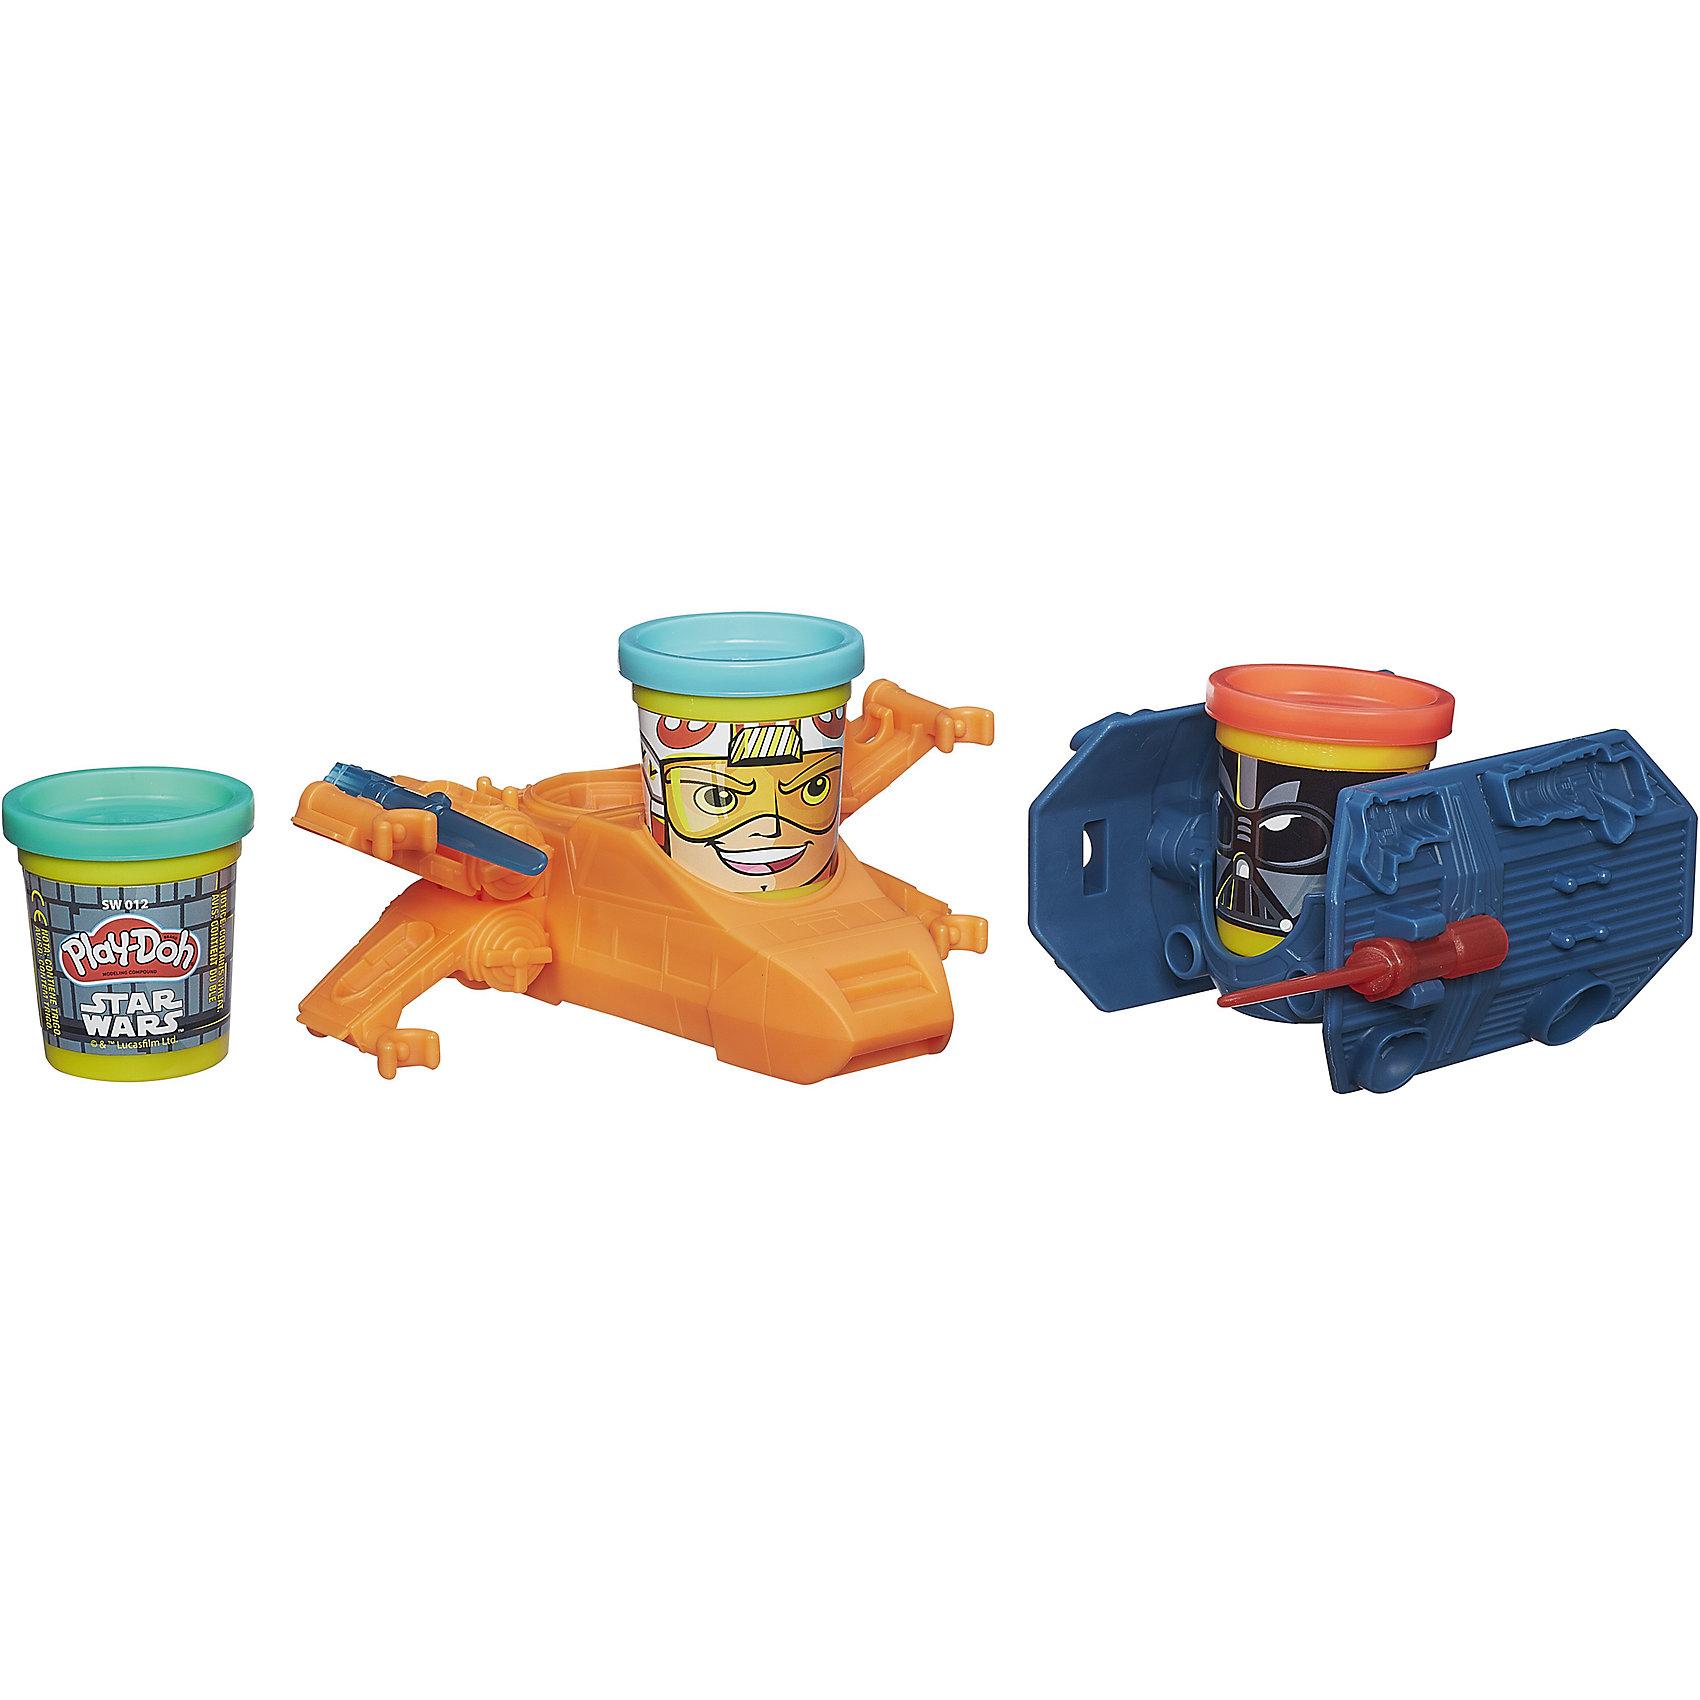 Hasbro Транспортные средства героев Звездных войн, Play-Doh, var 2 hasbro play doh игровой набор из 3 цветов цвета в ассортименте с 2 лет